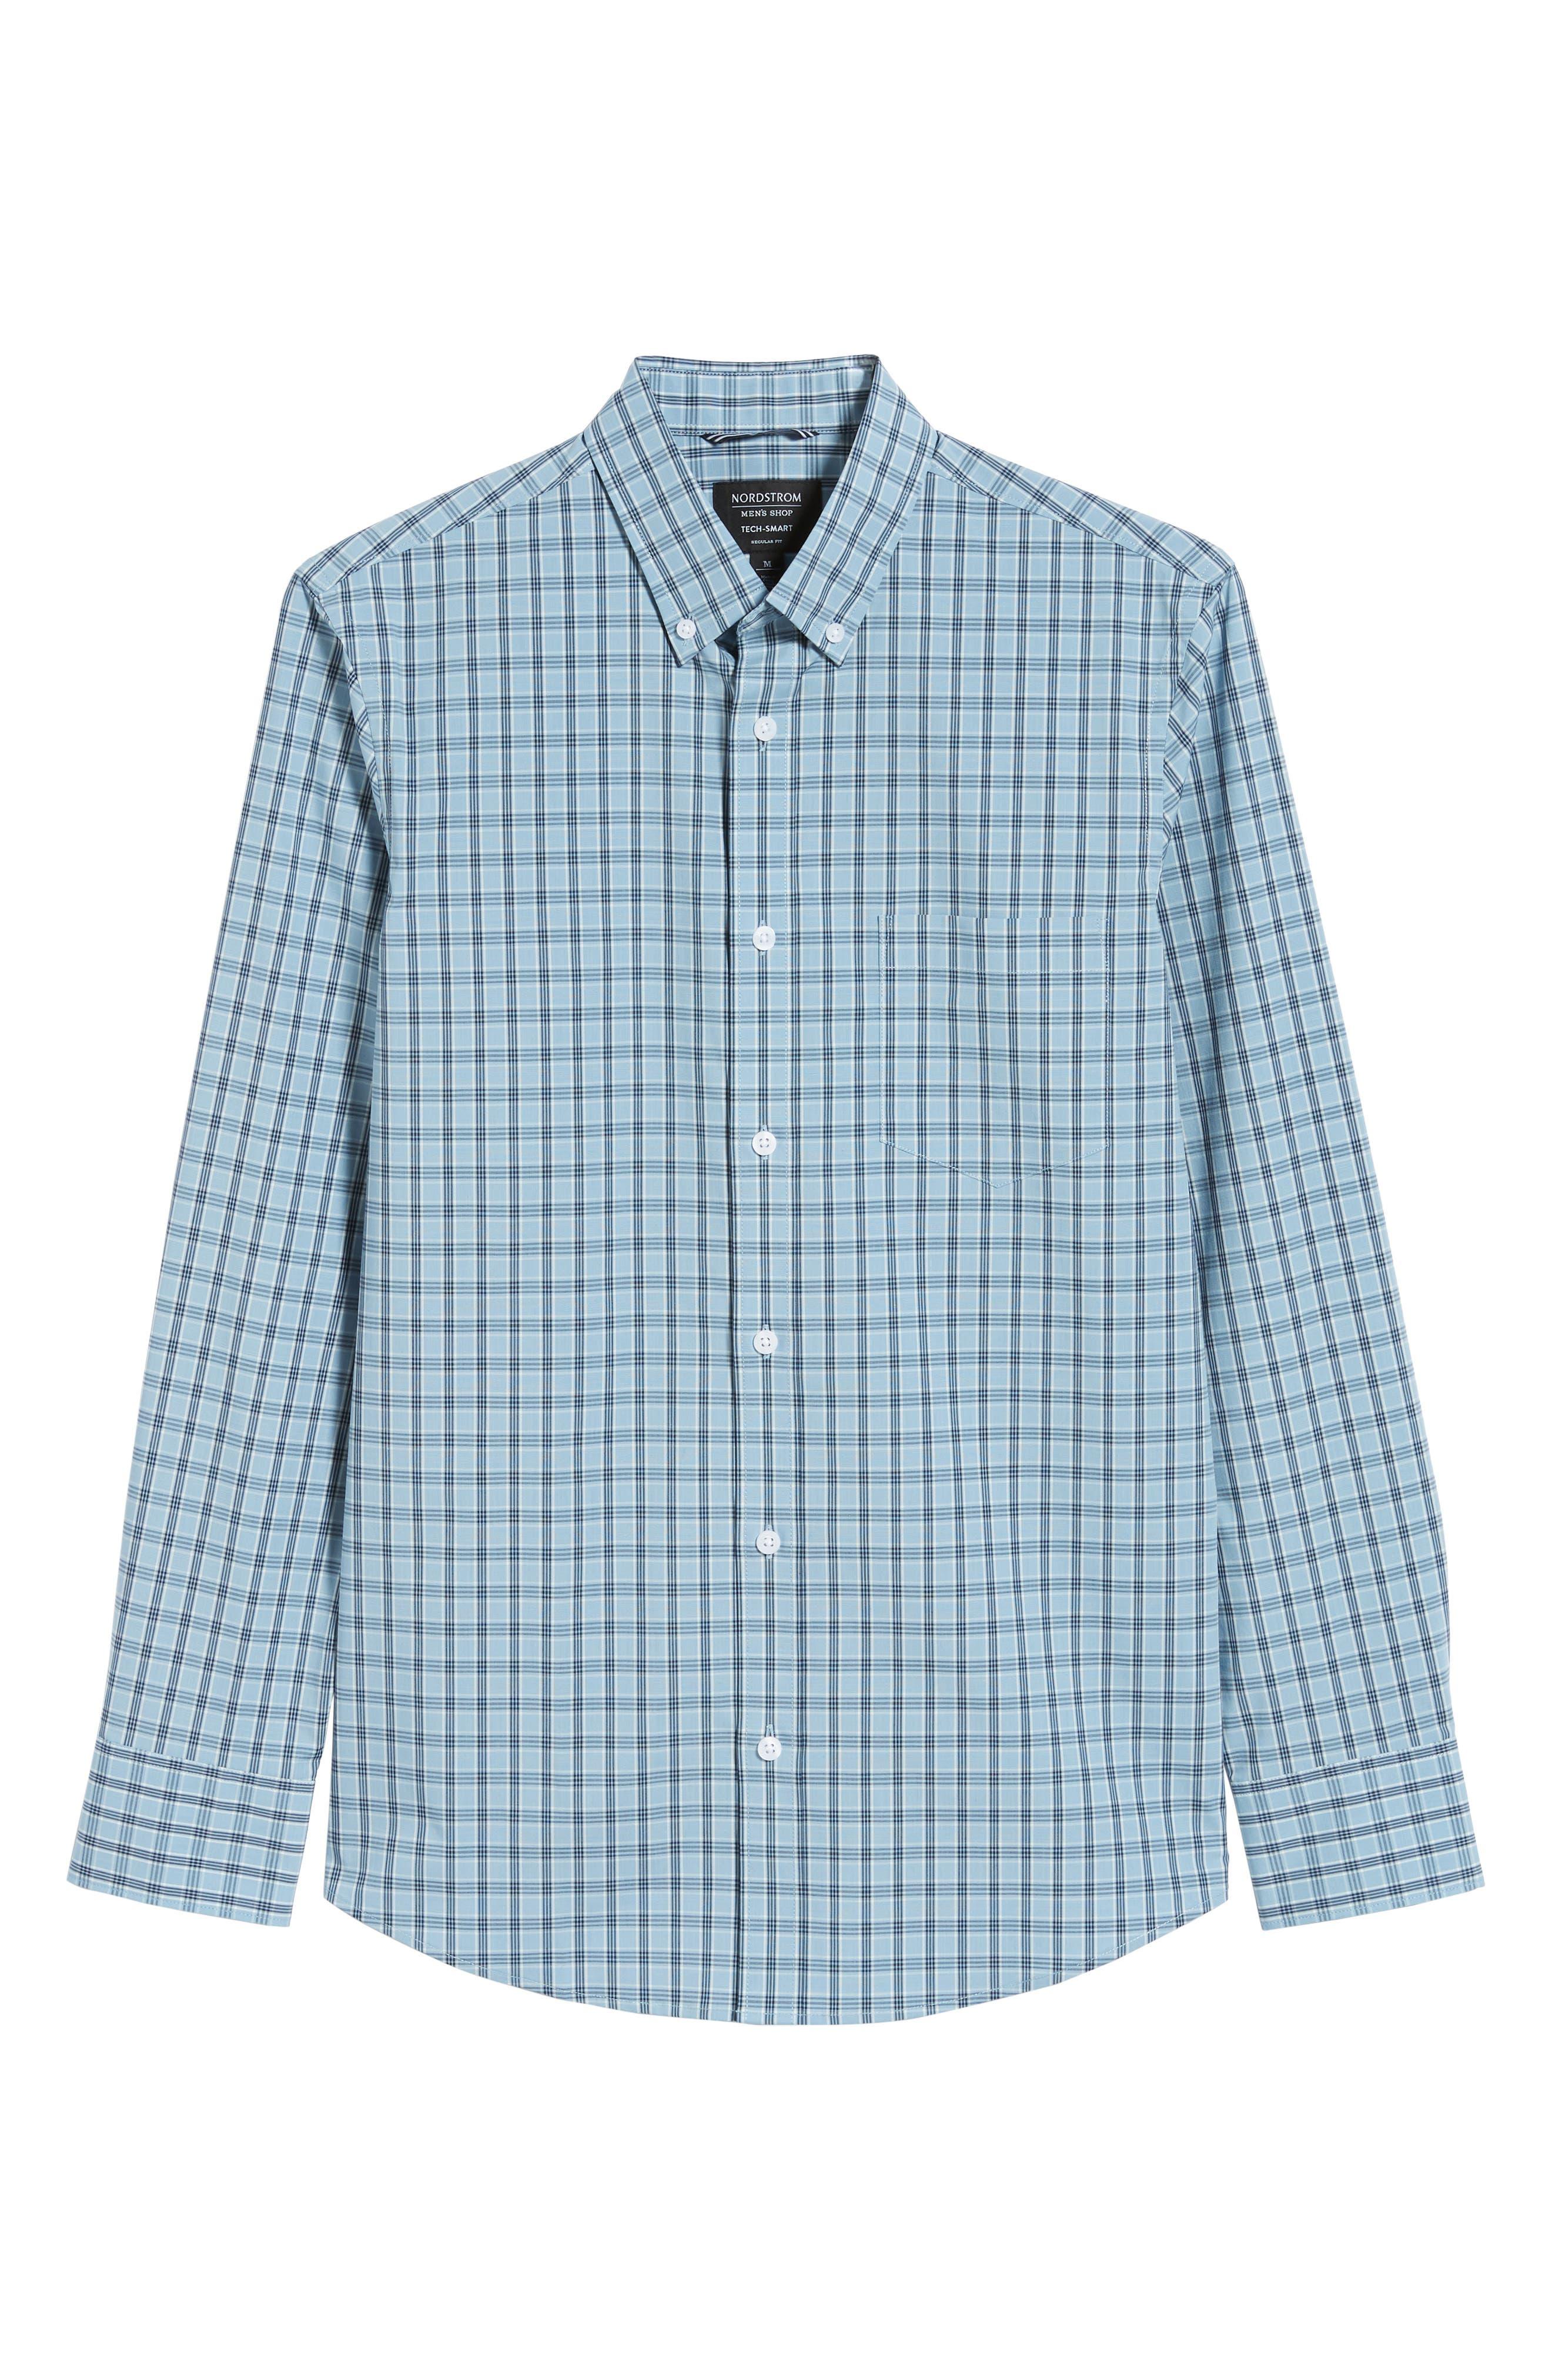 Tech-Smart Slim Fit Plaid Sport Shirt,                             Alternate thumbnail 5, color,                             BLUE HEAVEN HEATHER CHECK